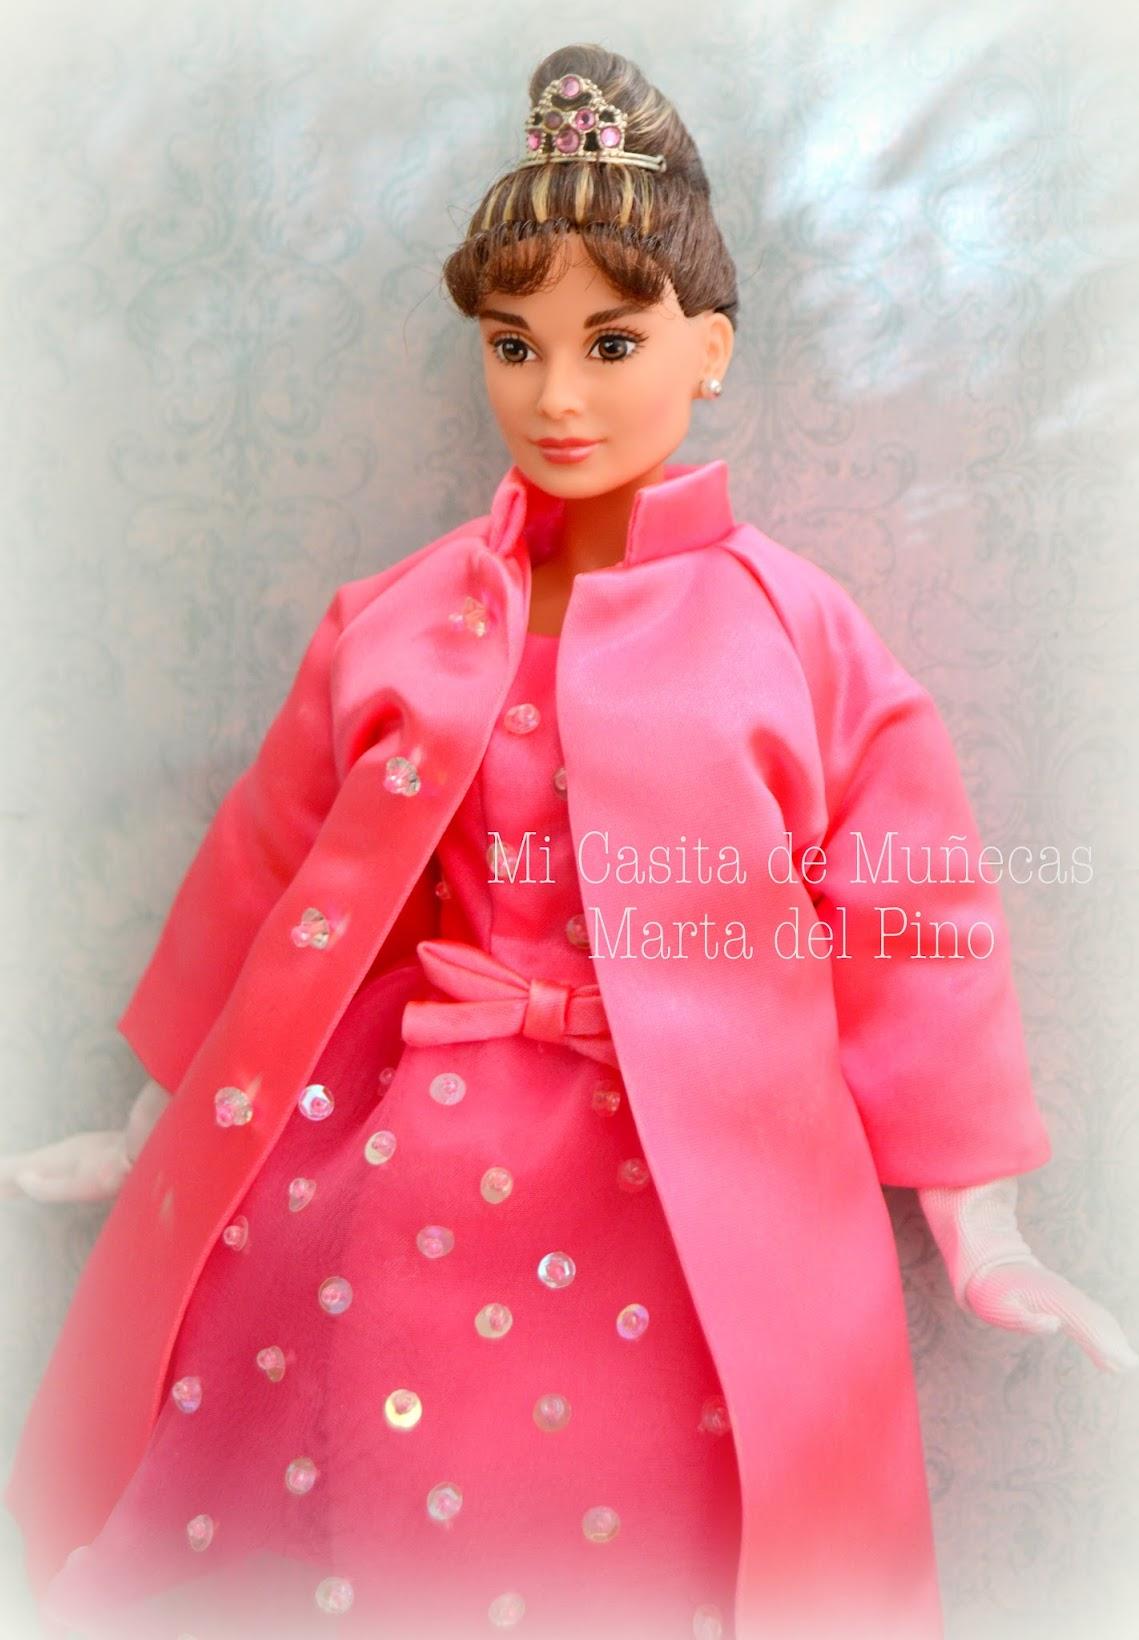 Barbie Look, Barbie y sus vestidos, Casa de muñecas, Mi Casita de Muñecas, Marta del Pino, Audrey Hepburn